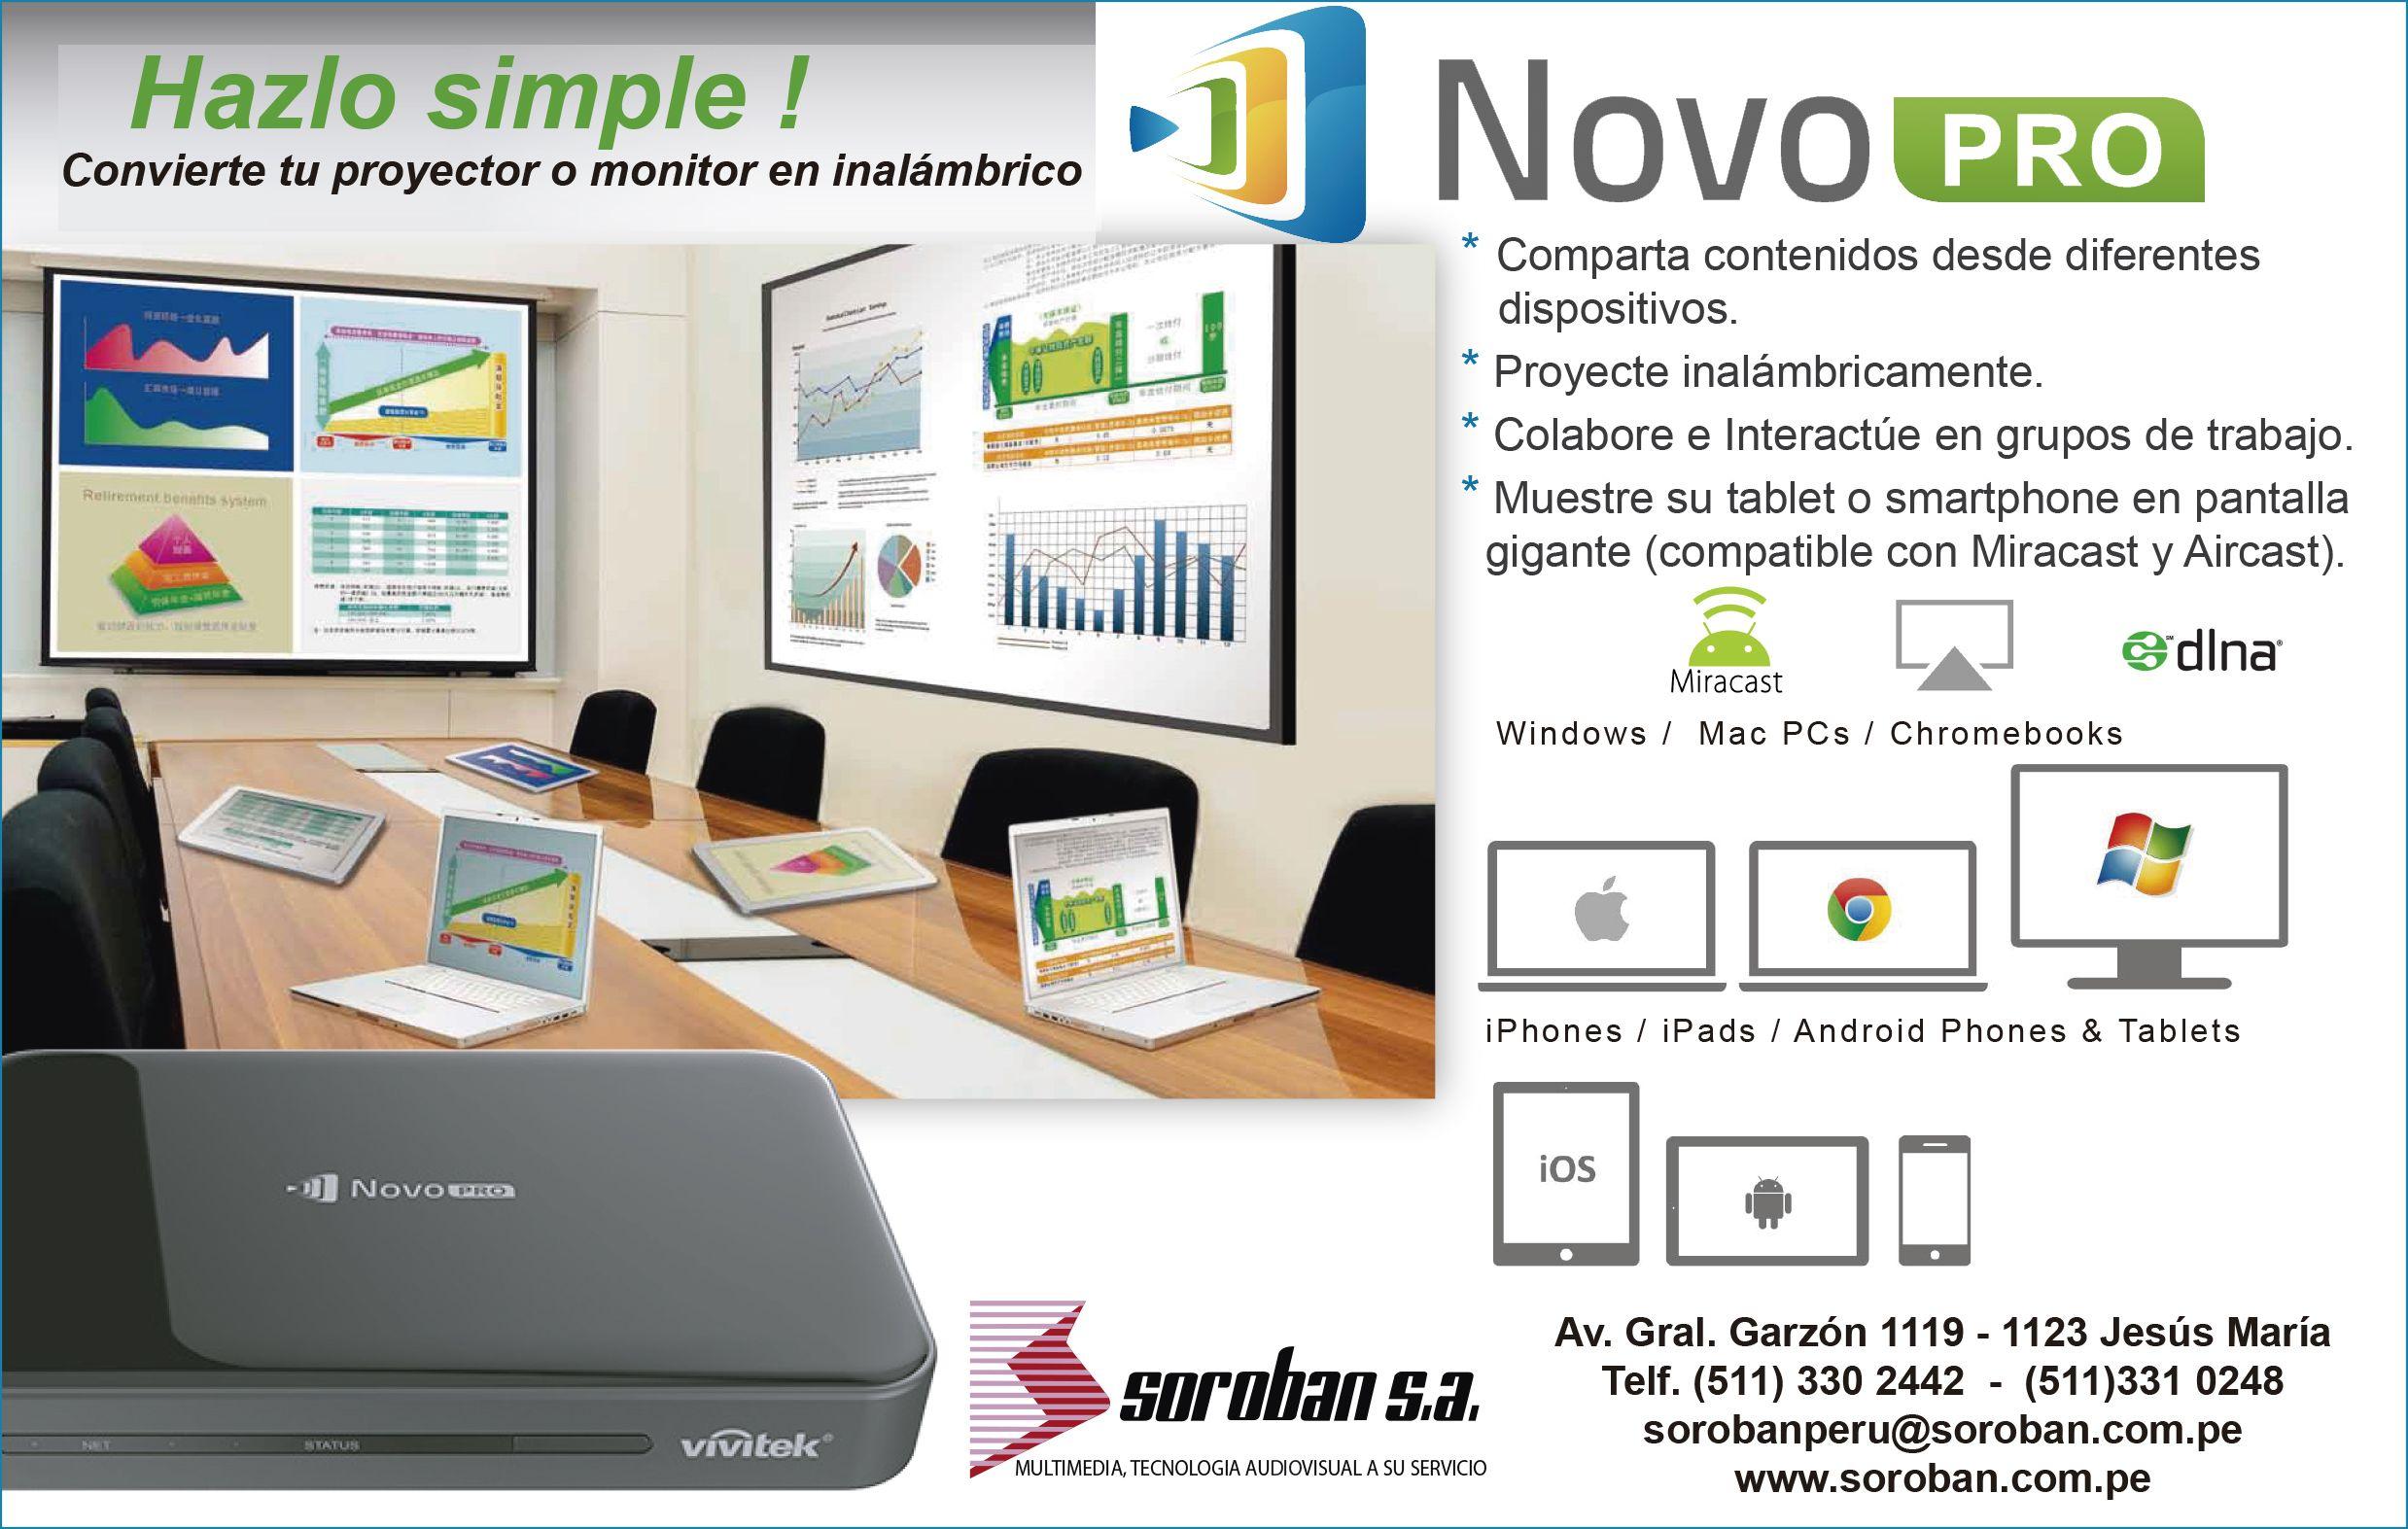 Hazlo Simple con NovoPro! Convierte tu proyector o monitor en inalámbrico